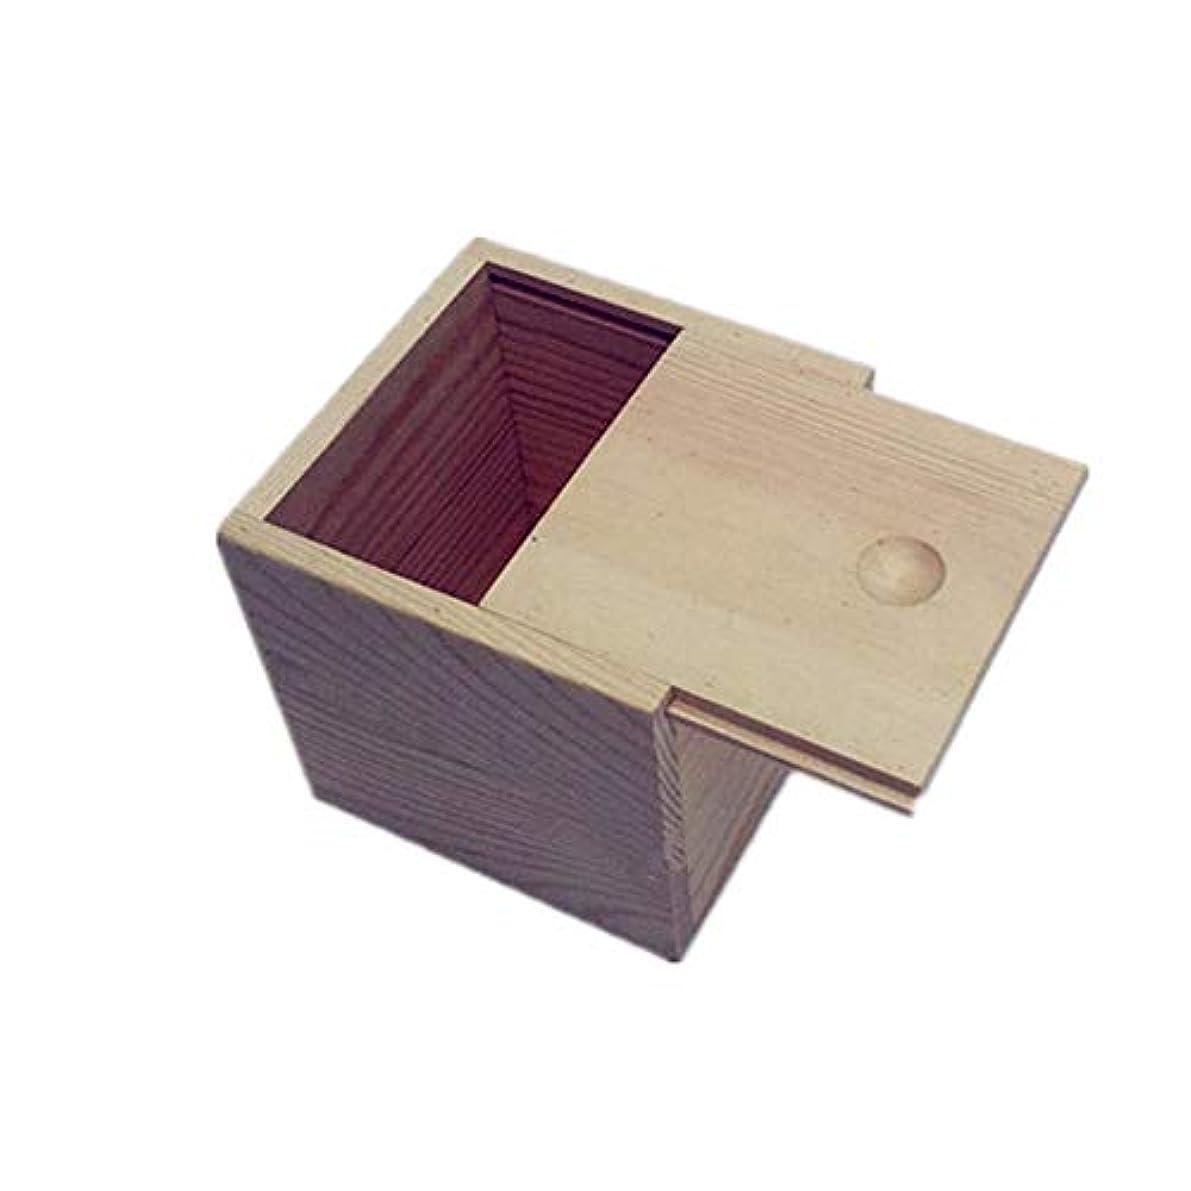 パキスタン人ゆでるほのめかす木製のエッセンシャルオイルストレージボックス安全なスペースセーバーあなたの油を維持するためのベスト アロマセラピー製品 (色 : Natural, サイズ : 9X9X5CM)